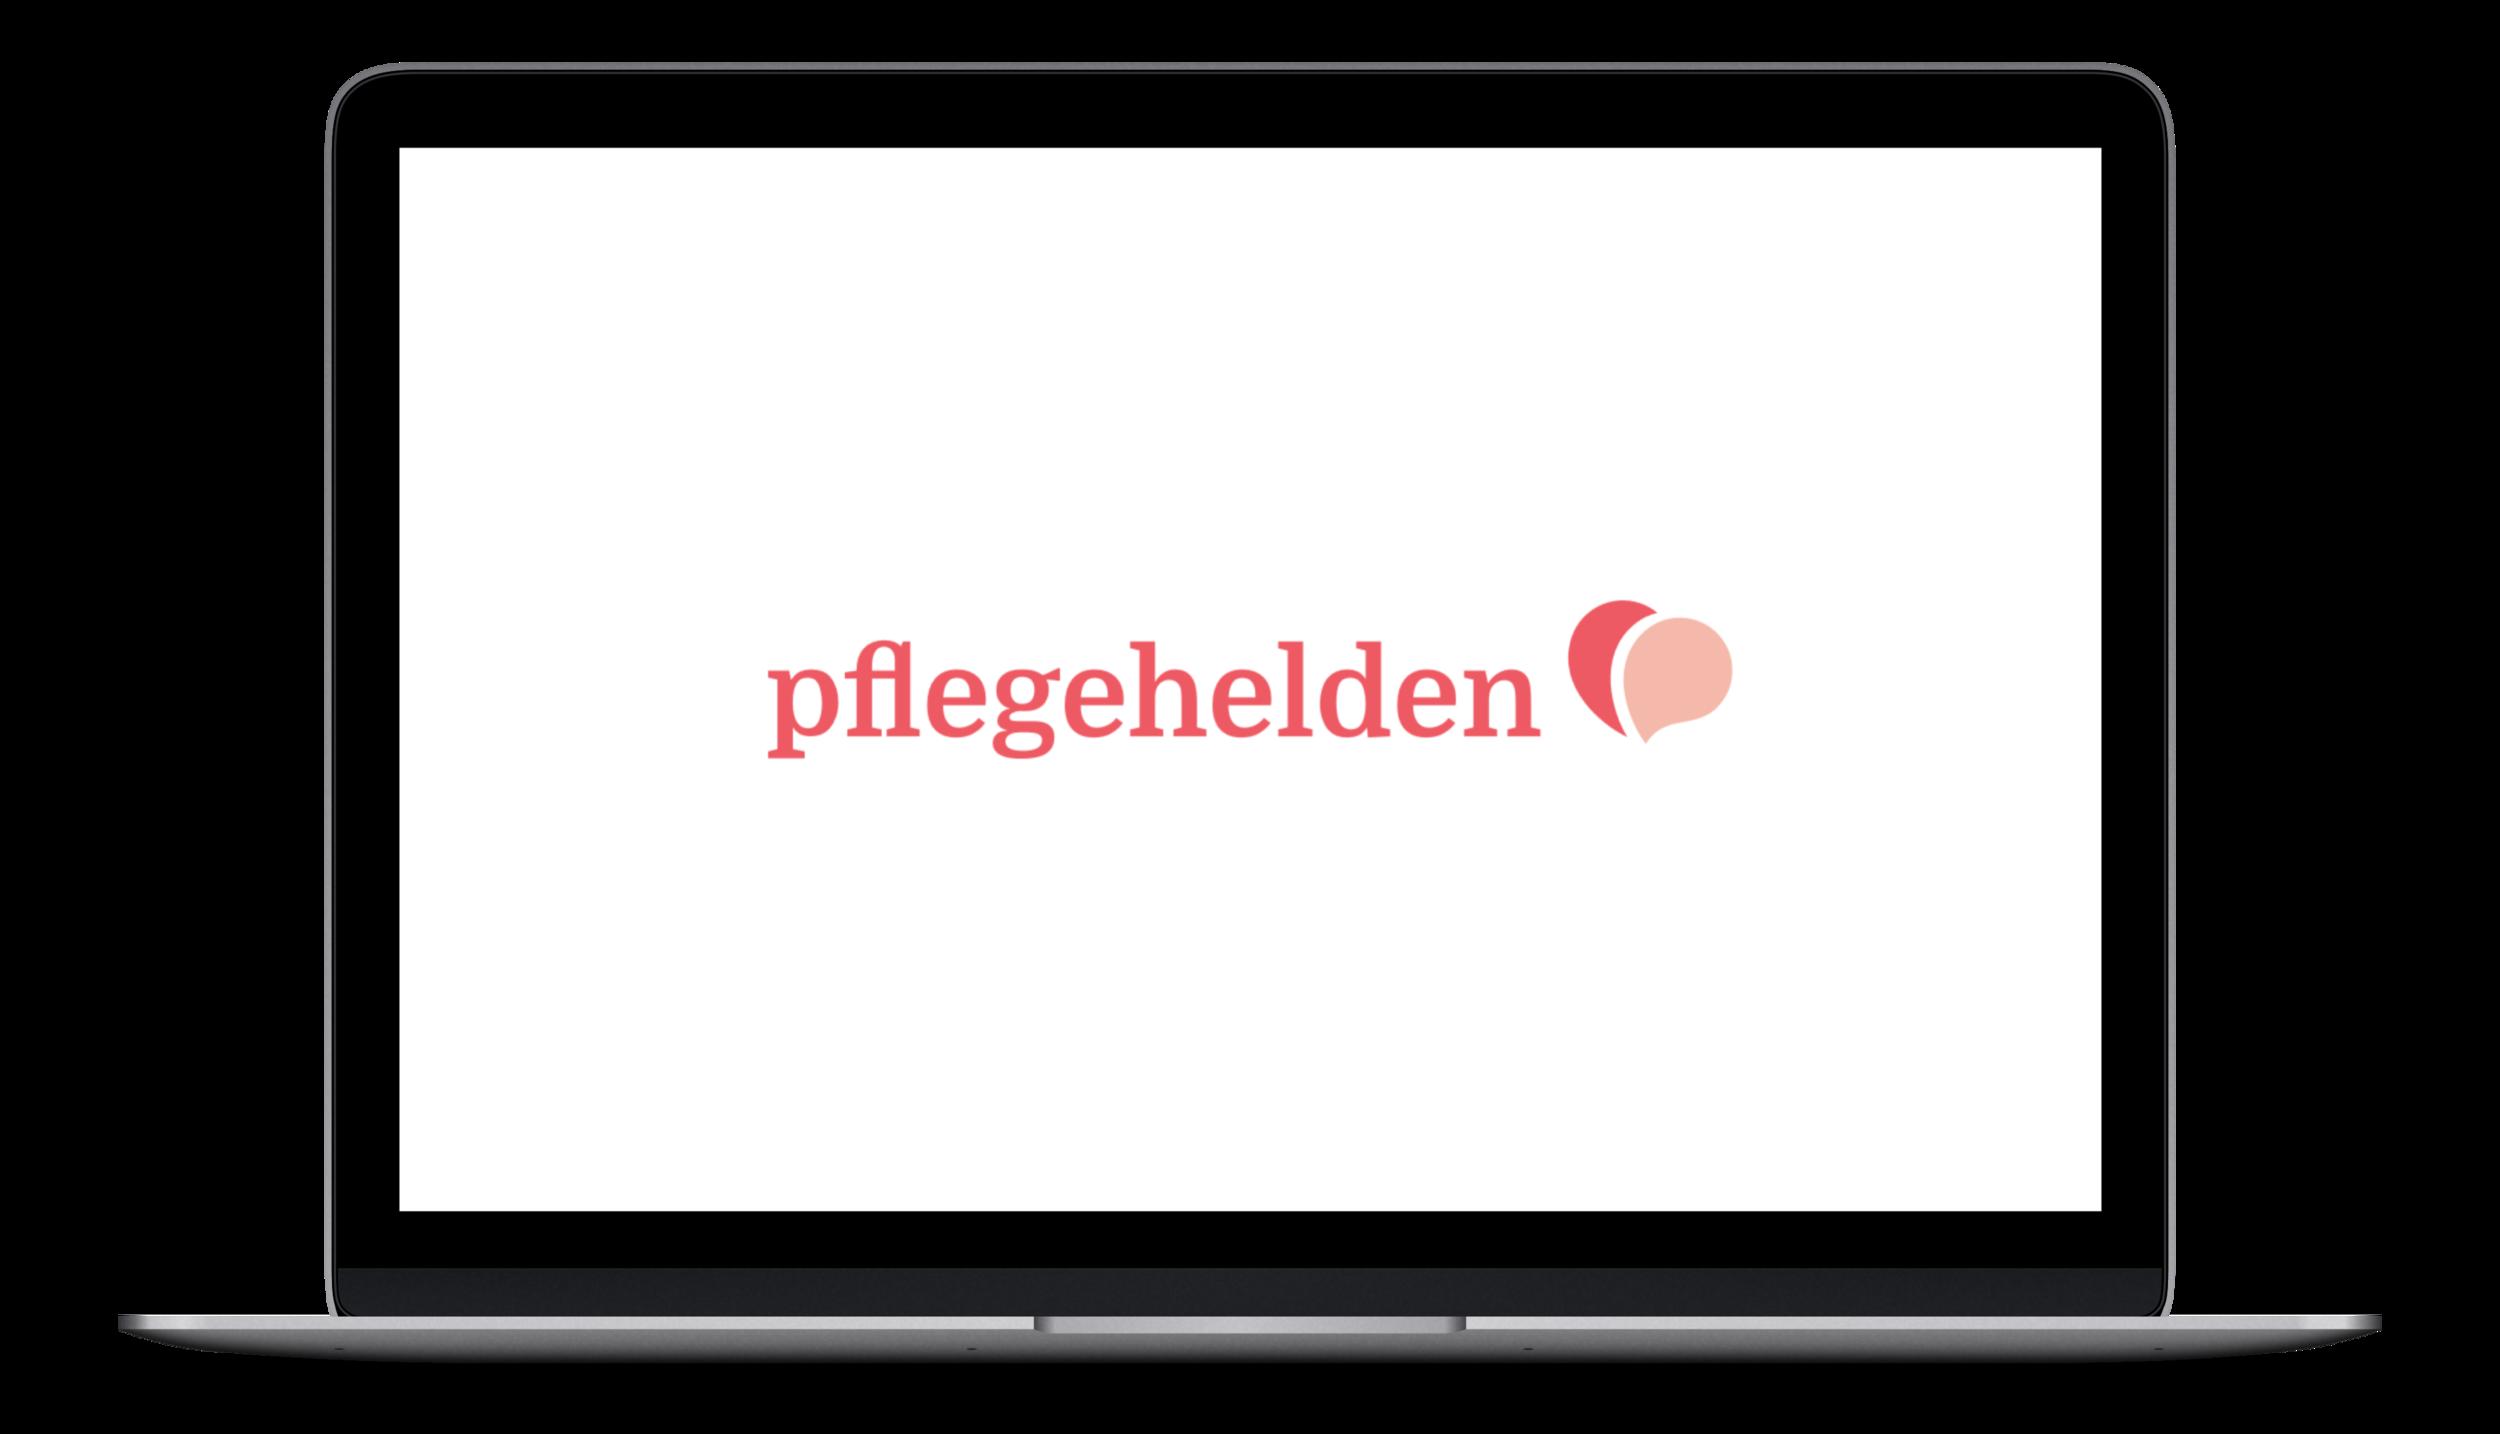 pflegehelden Logo Screen.png